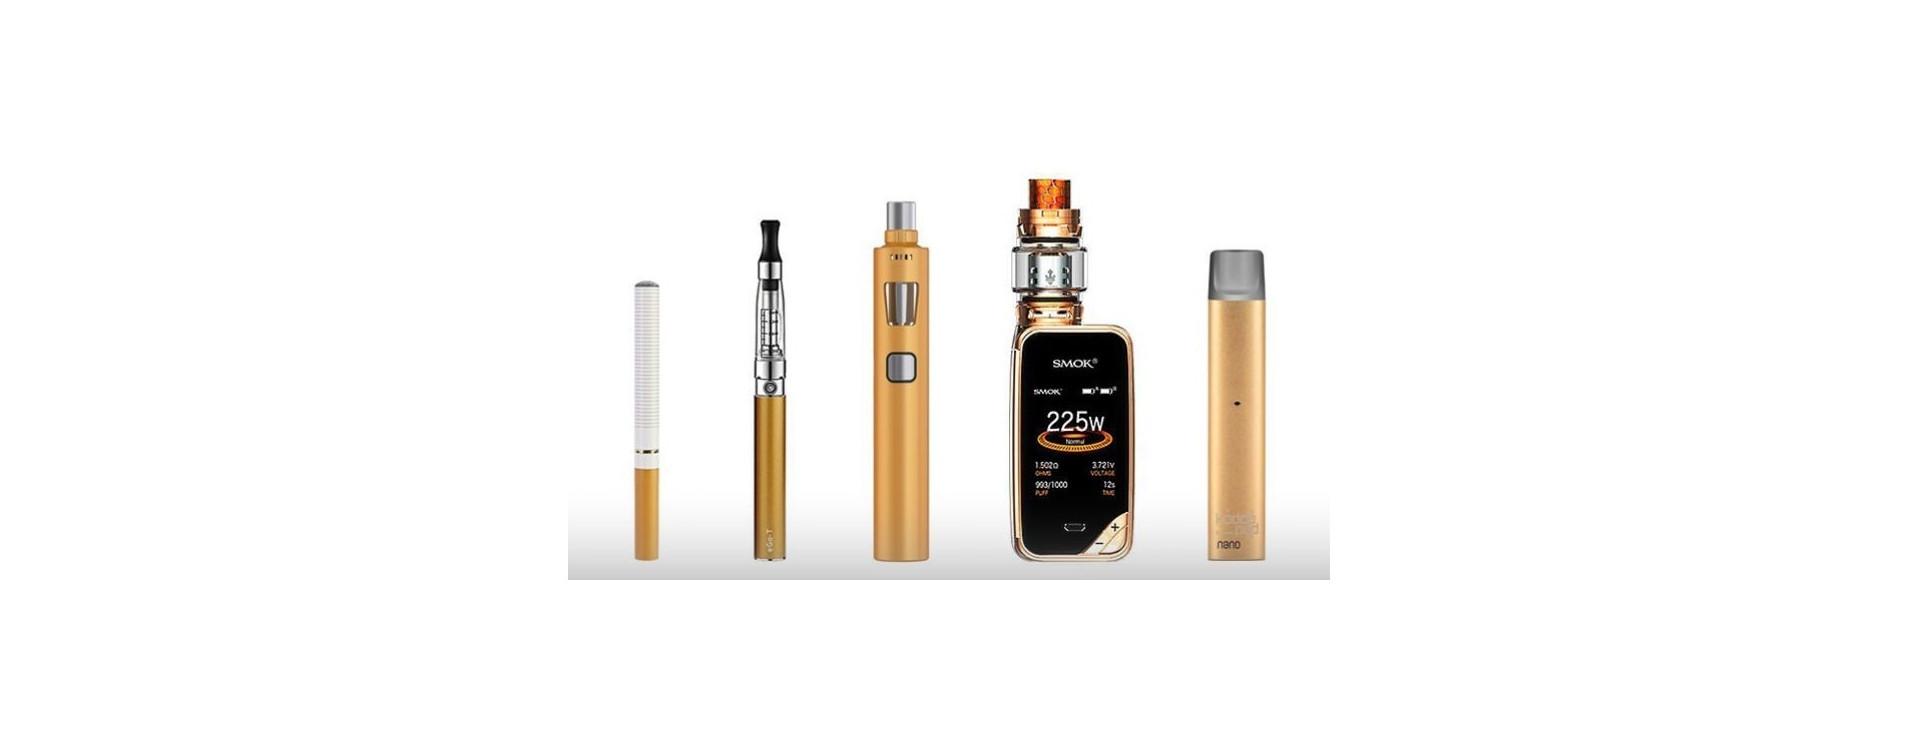 Quel format choisir pour ma cigarette électronique ?